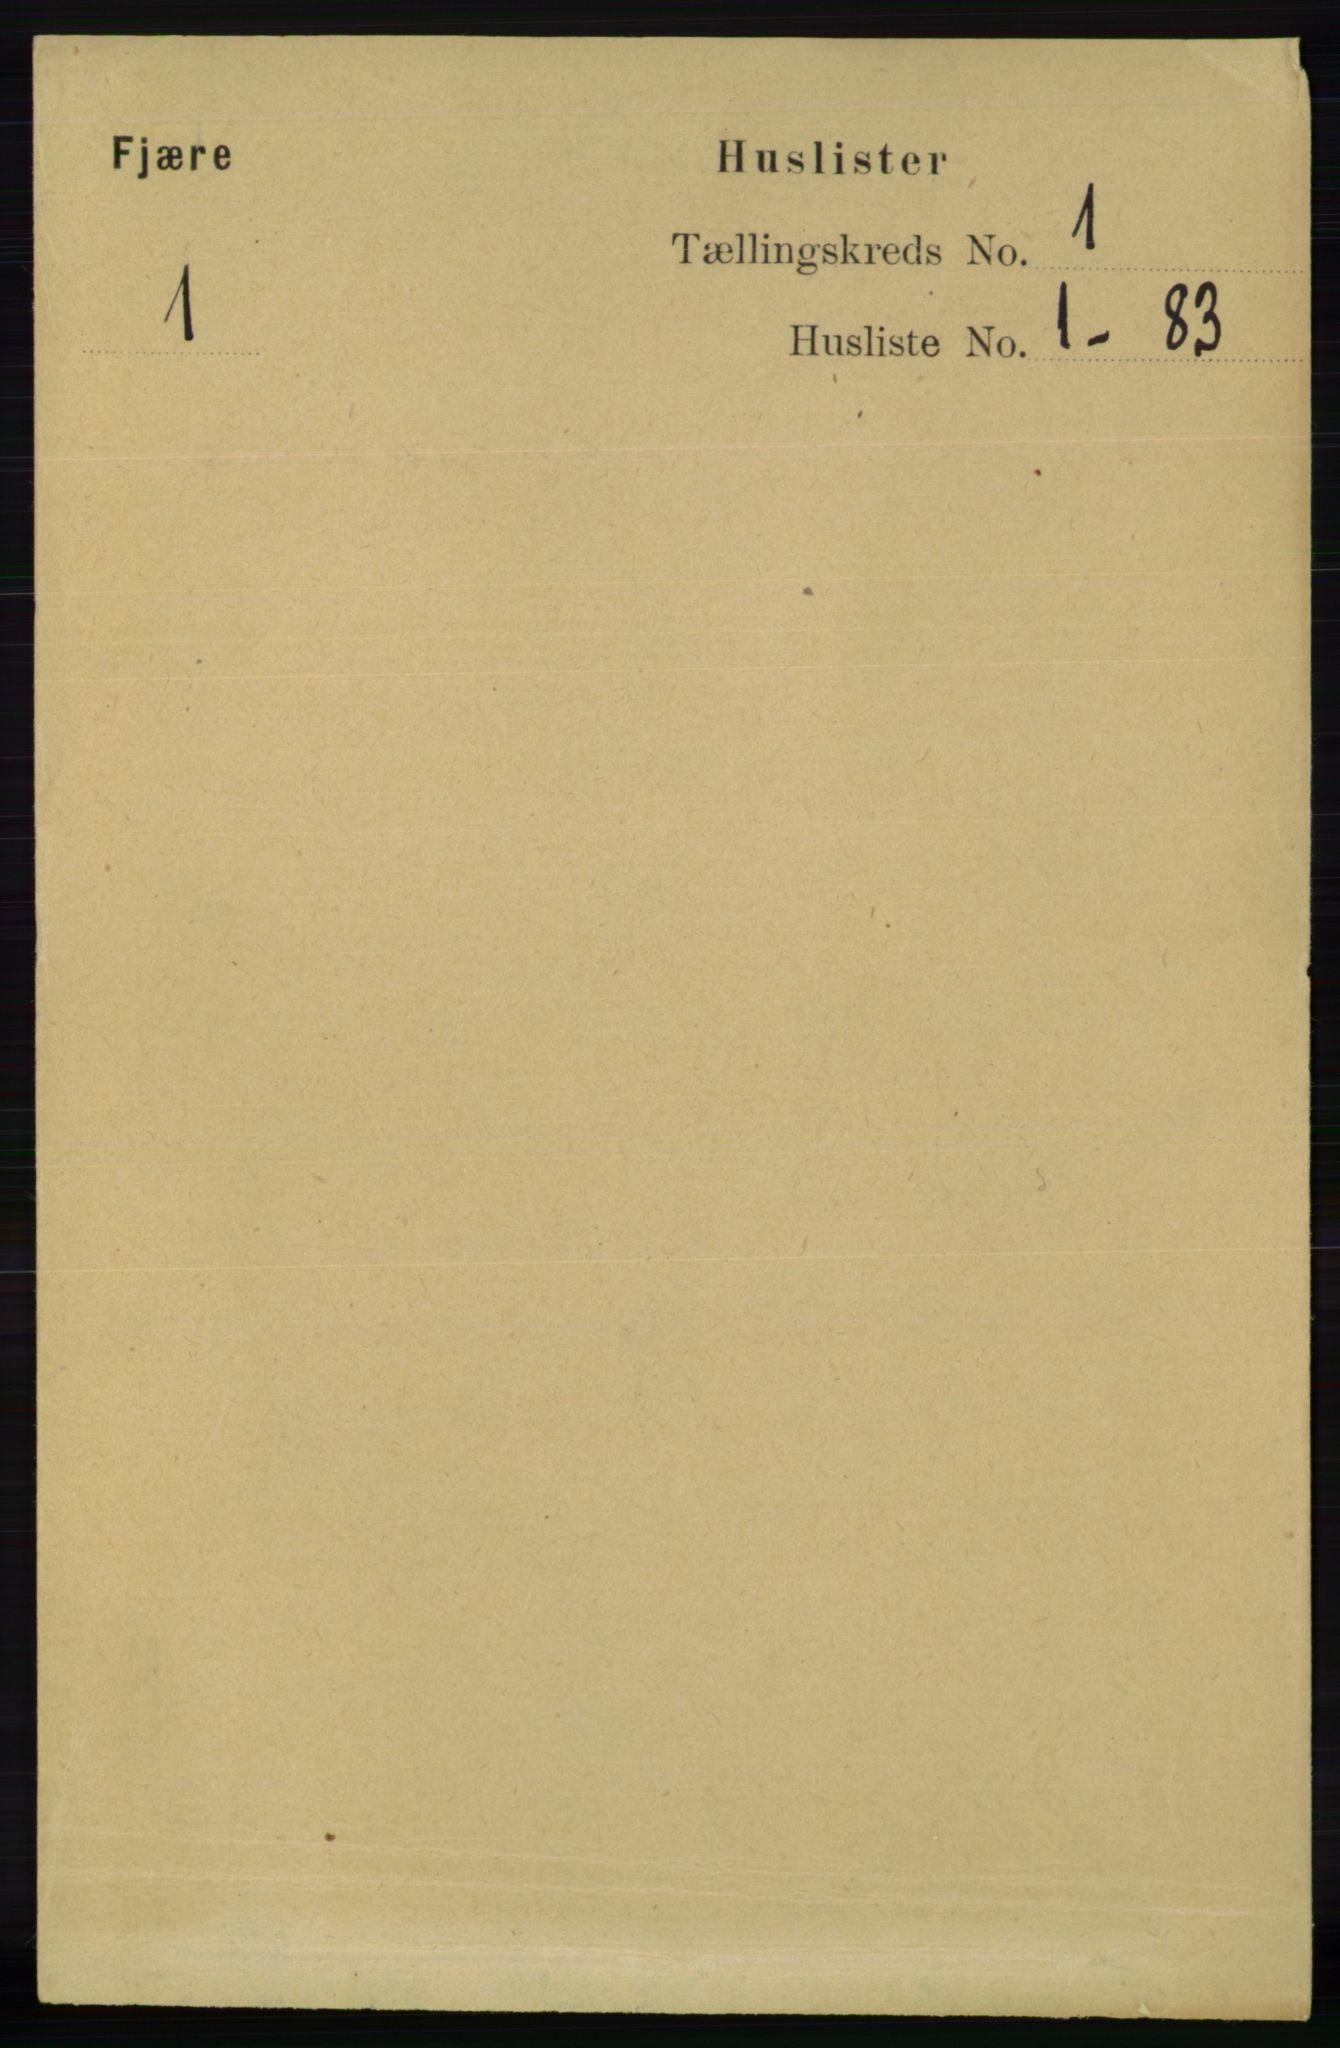 RA, Folketelling 1891 for 0923 Fjære herred, 1891, s. 31